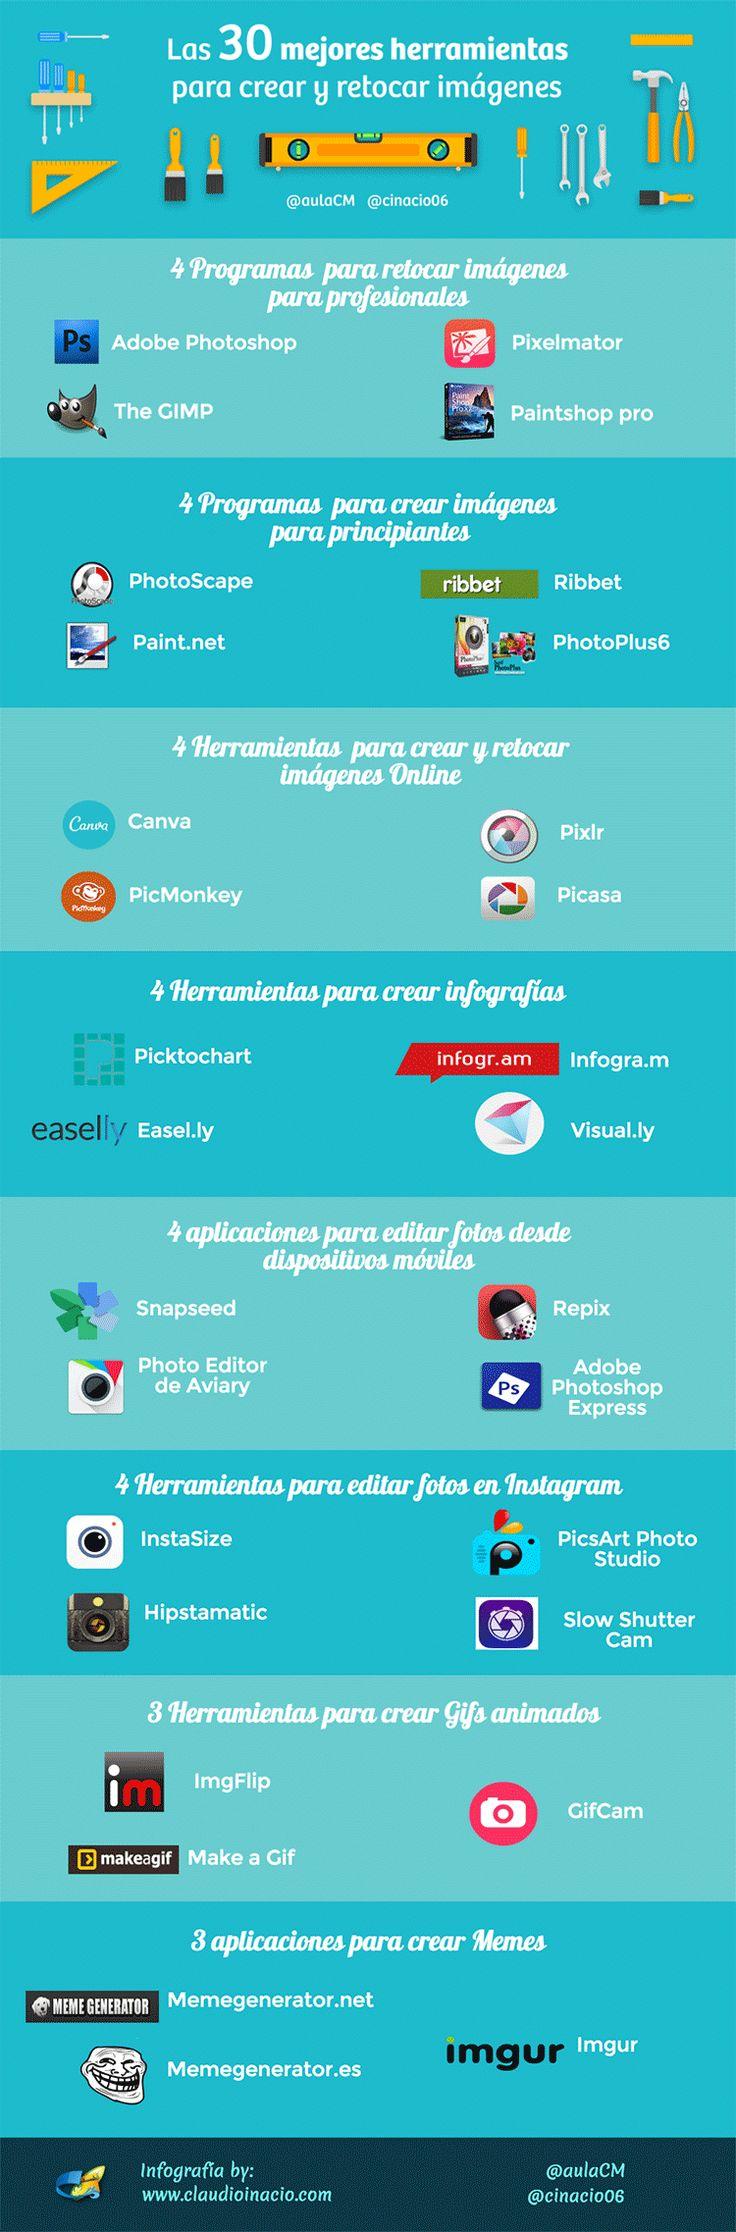 30 herramientas para crear y retocar imágenes #infografia #infographic #design